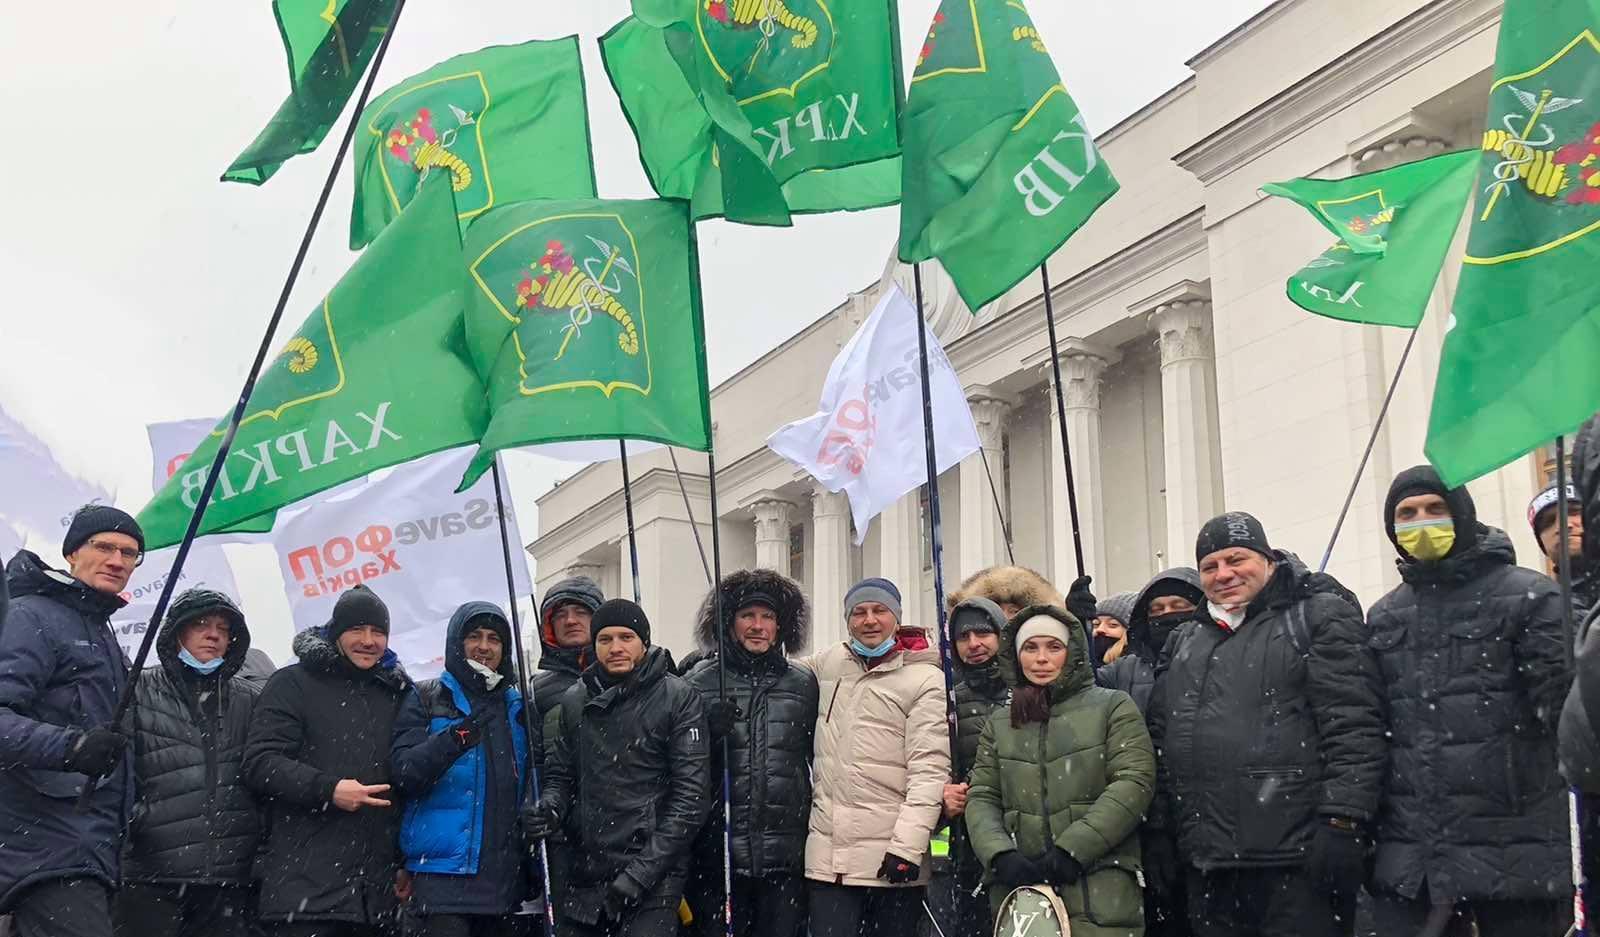 На киевский митинг SaveФОП вышли около 1000 предпринимателей из Харькова (фото)